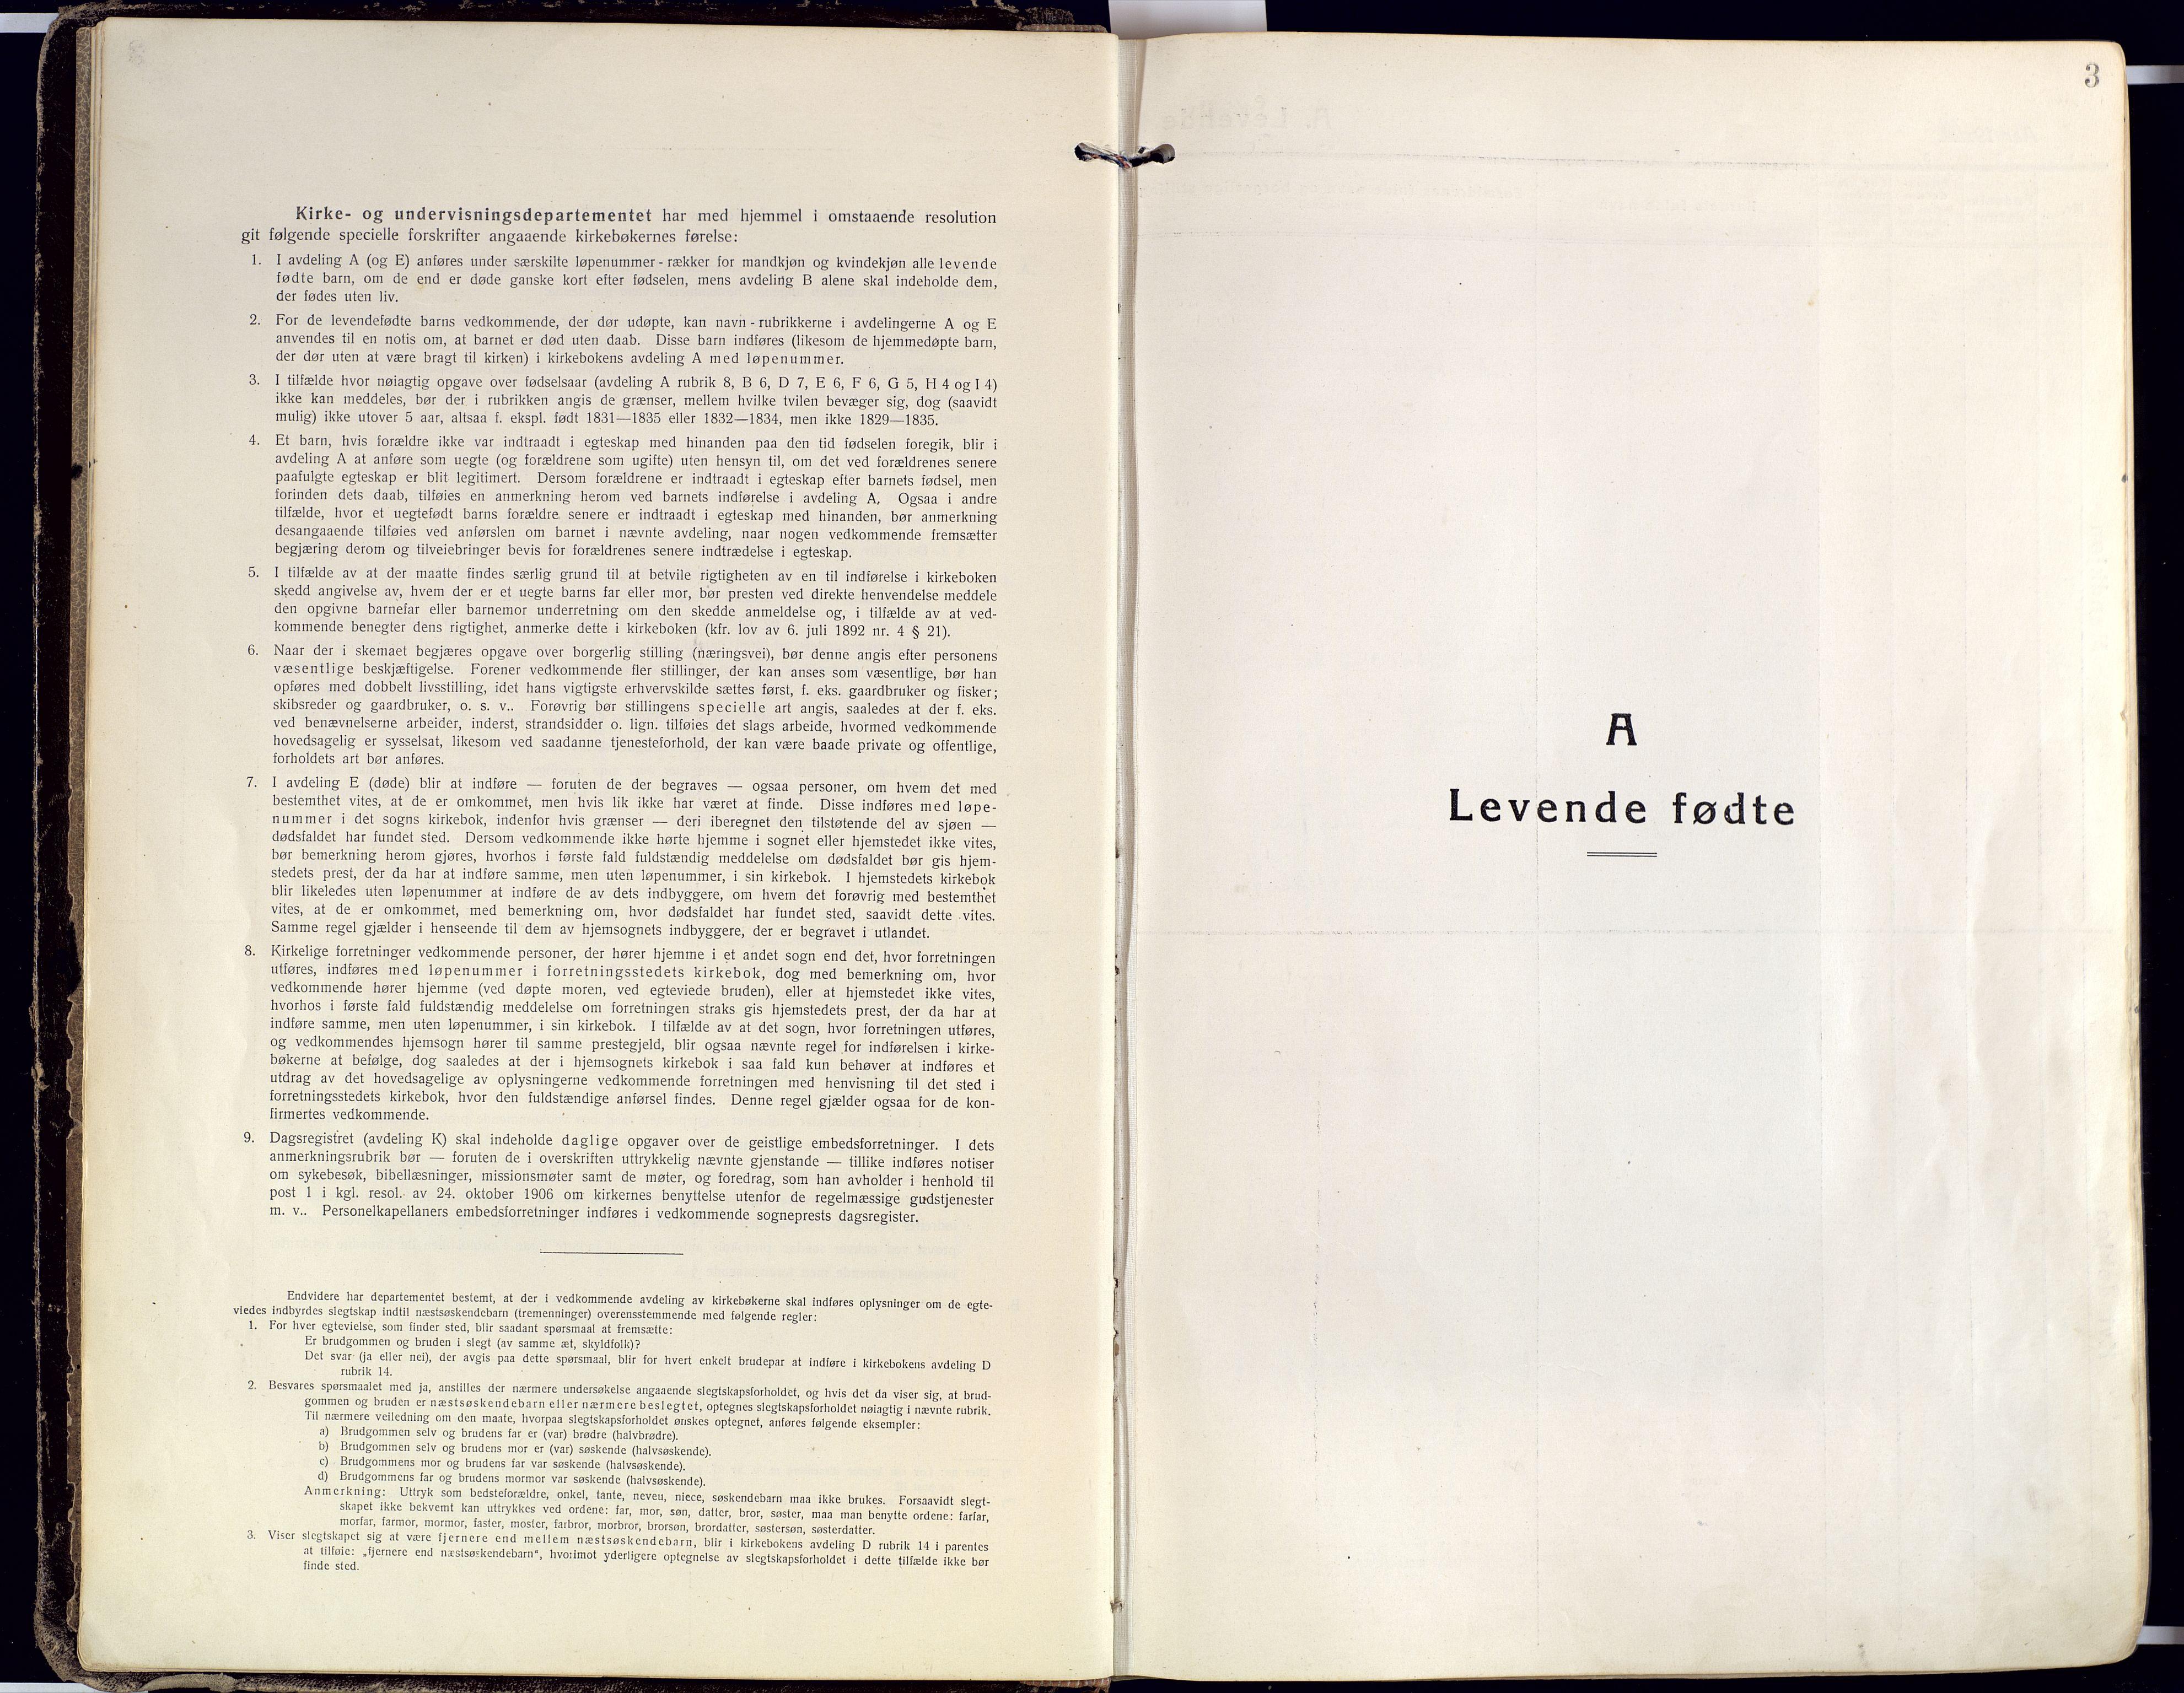 SATØ, Karlsøy sokneprestembete, Ministerialbok nr. 15, 1918-1929, s. 3